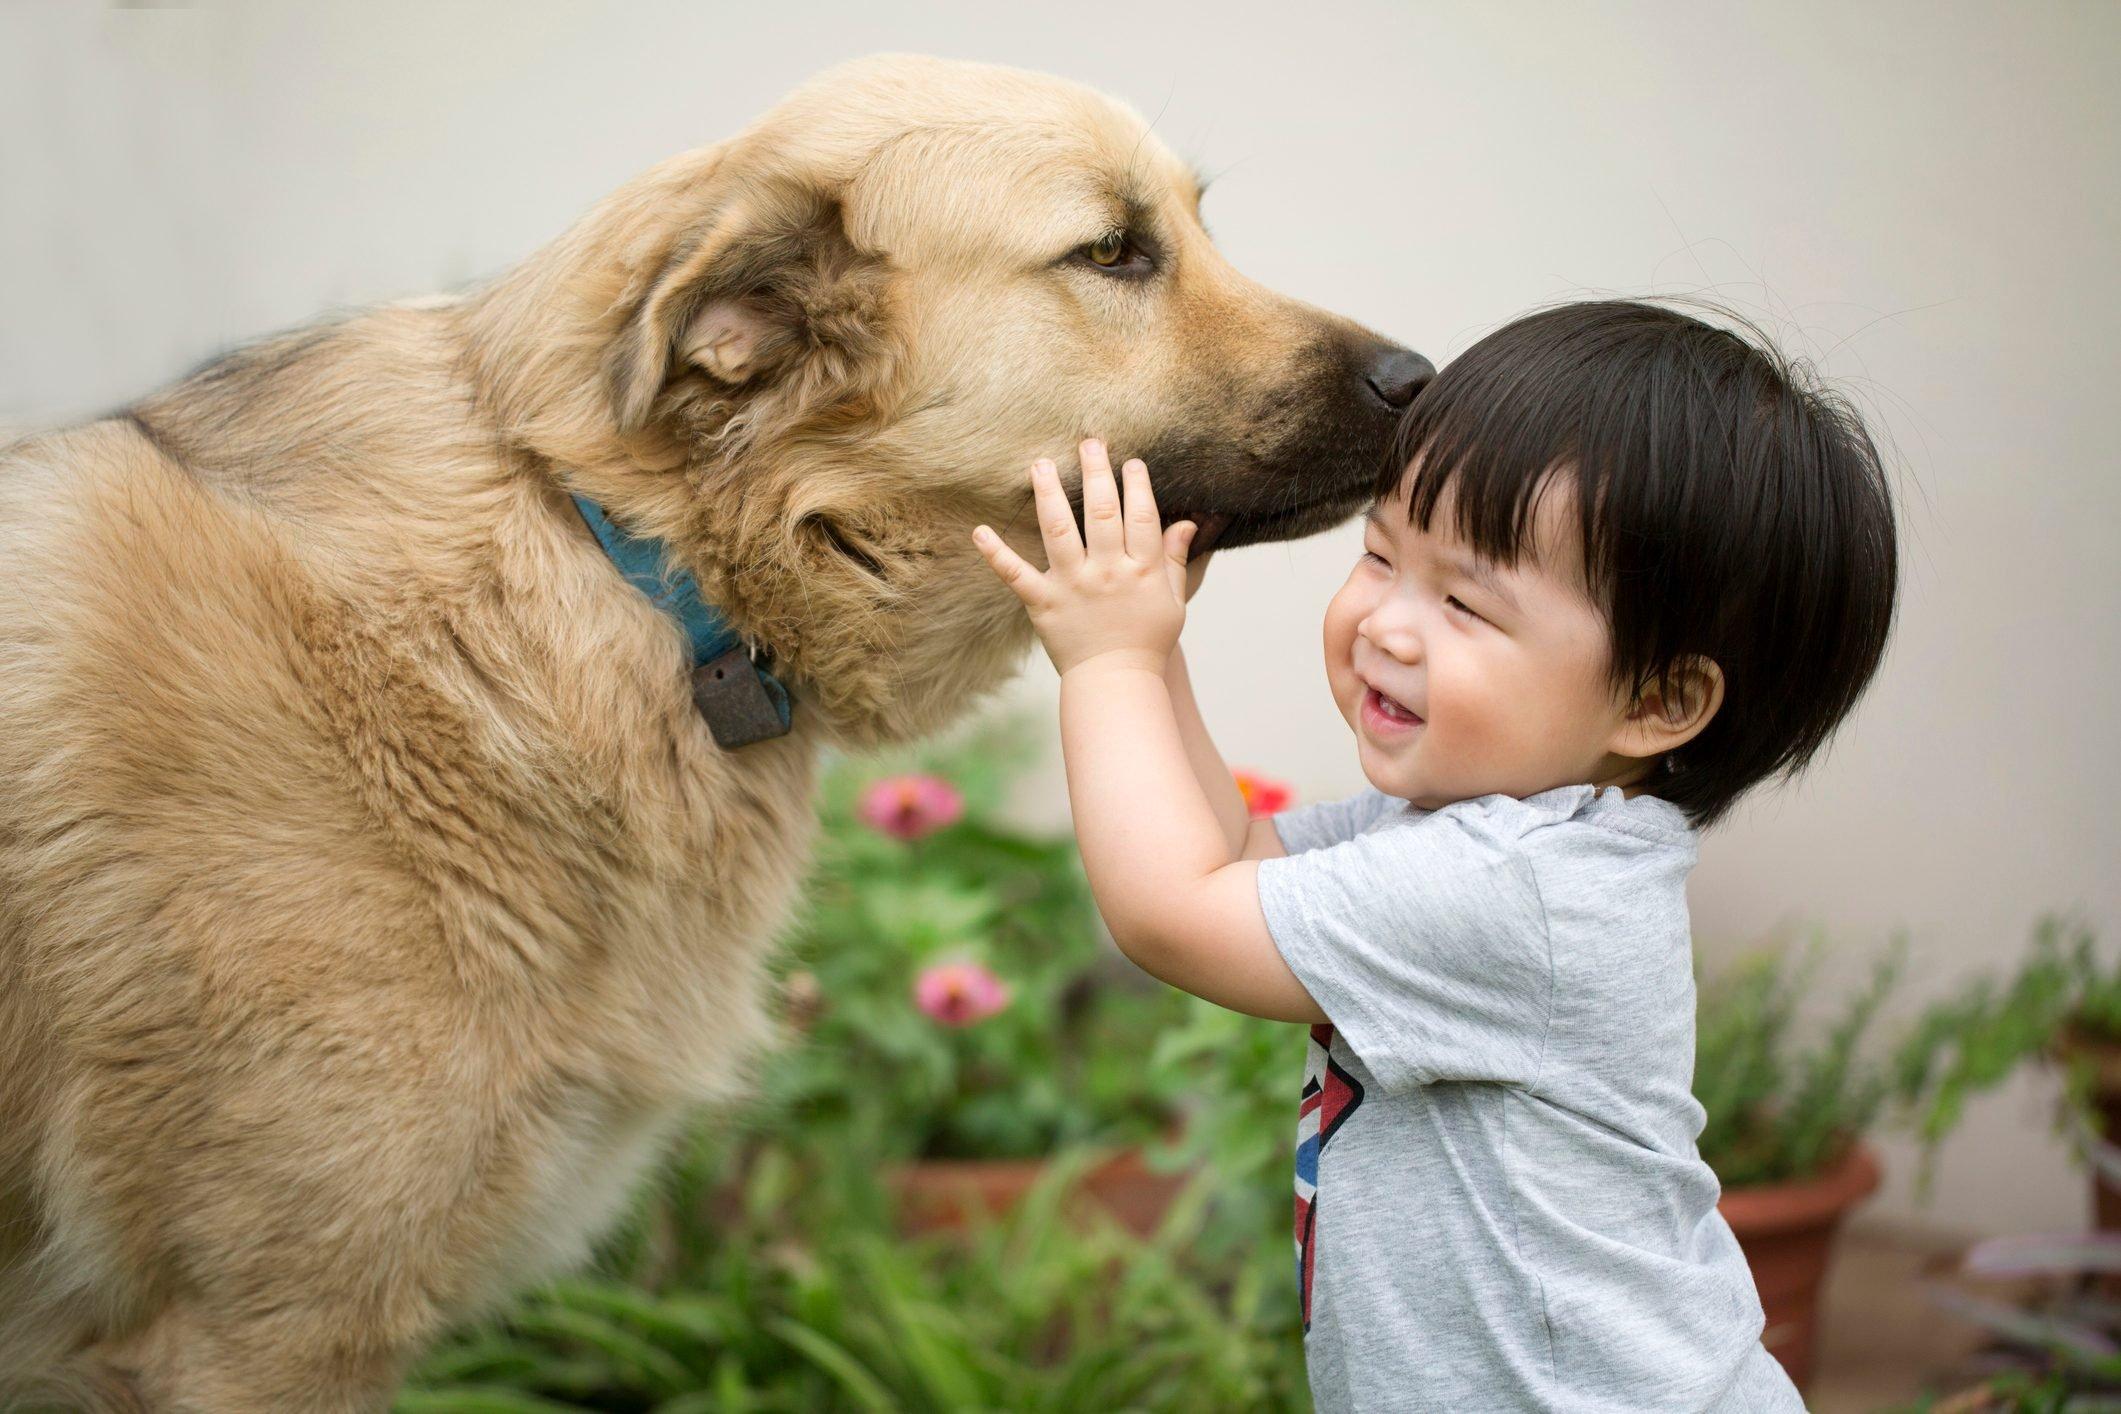 Asian toddler avoiding dog sniffing on him.